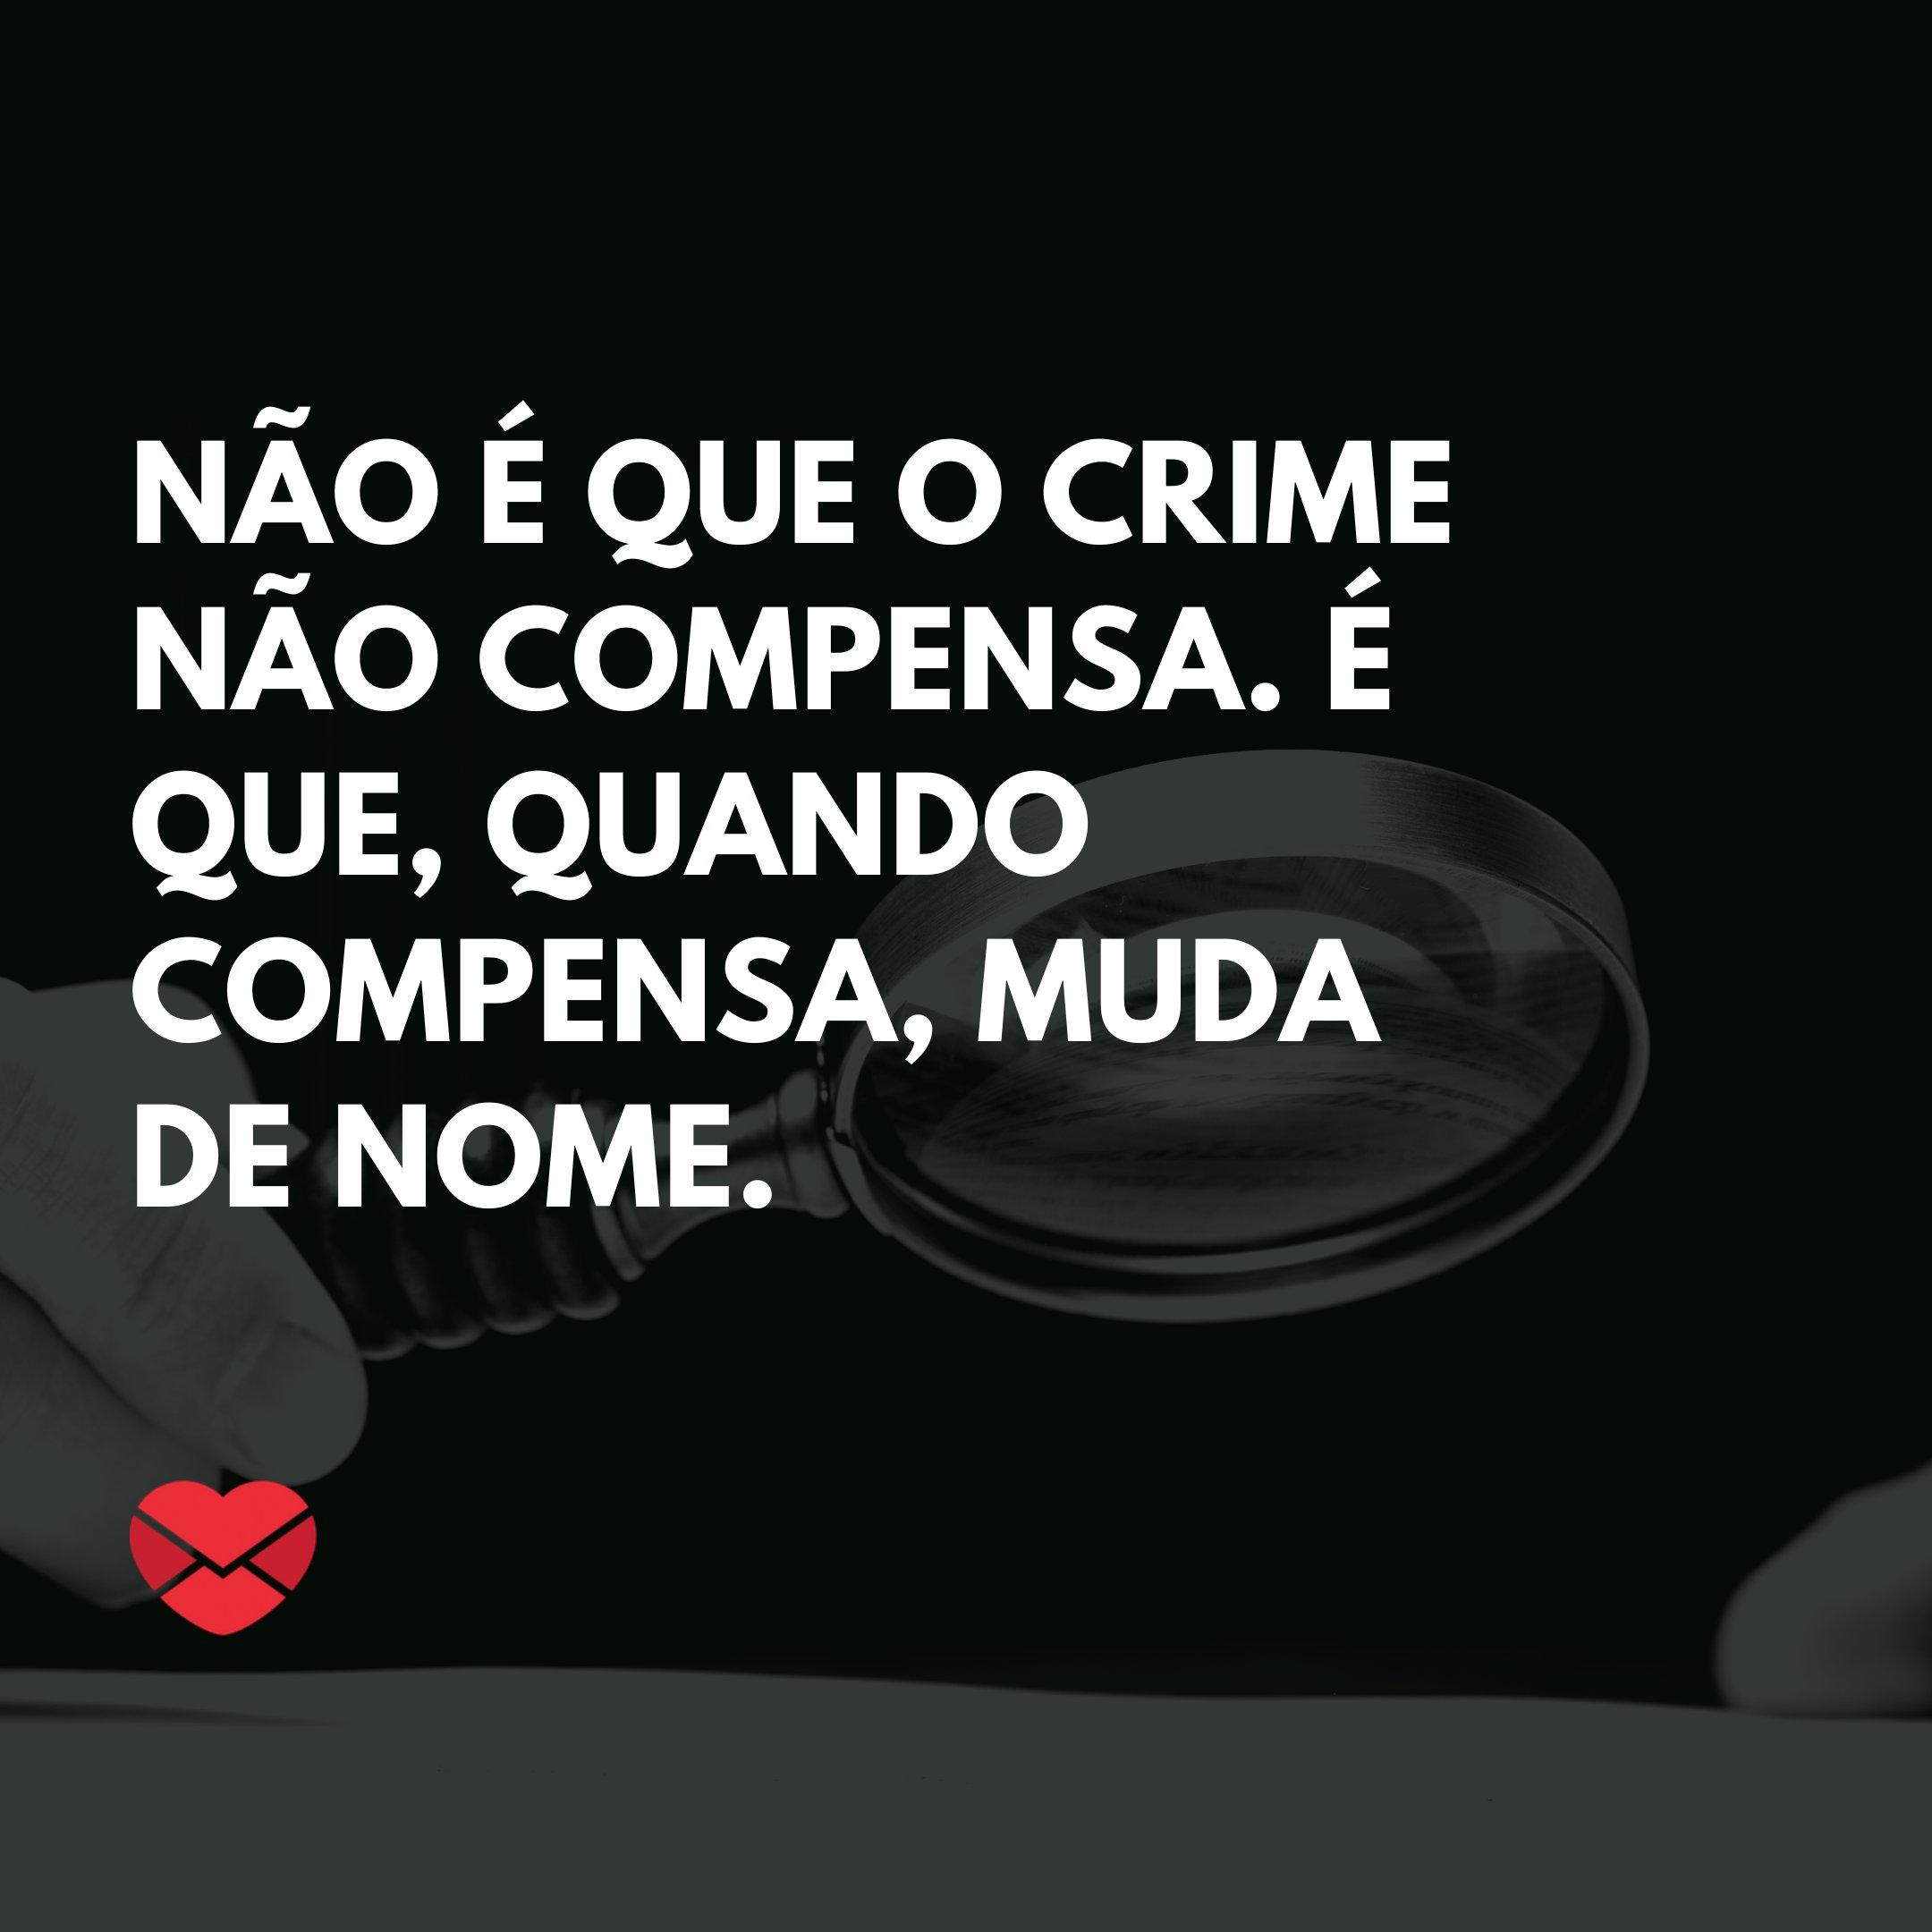 'Não é que o crime não compensa. É que, quando compensa, muda de nome.' - Homenagem, mensagem e frases para Dia do Advogado